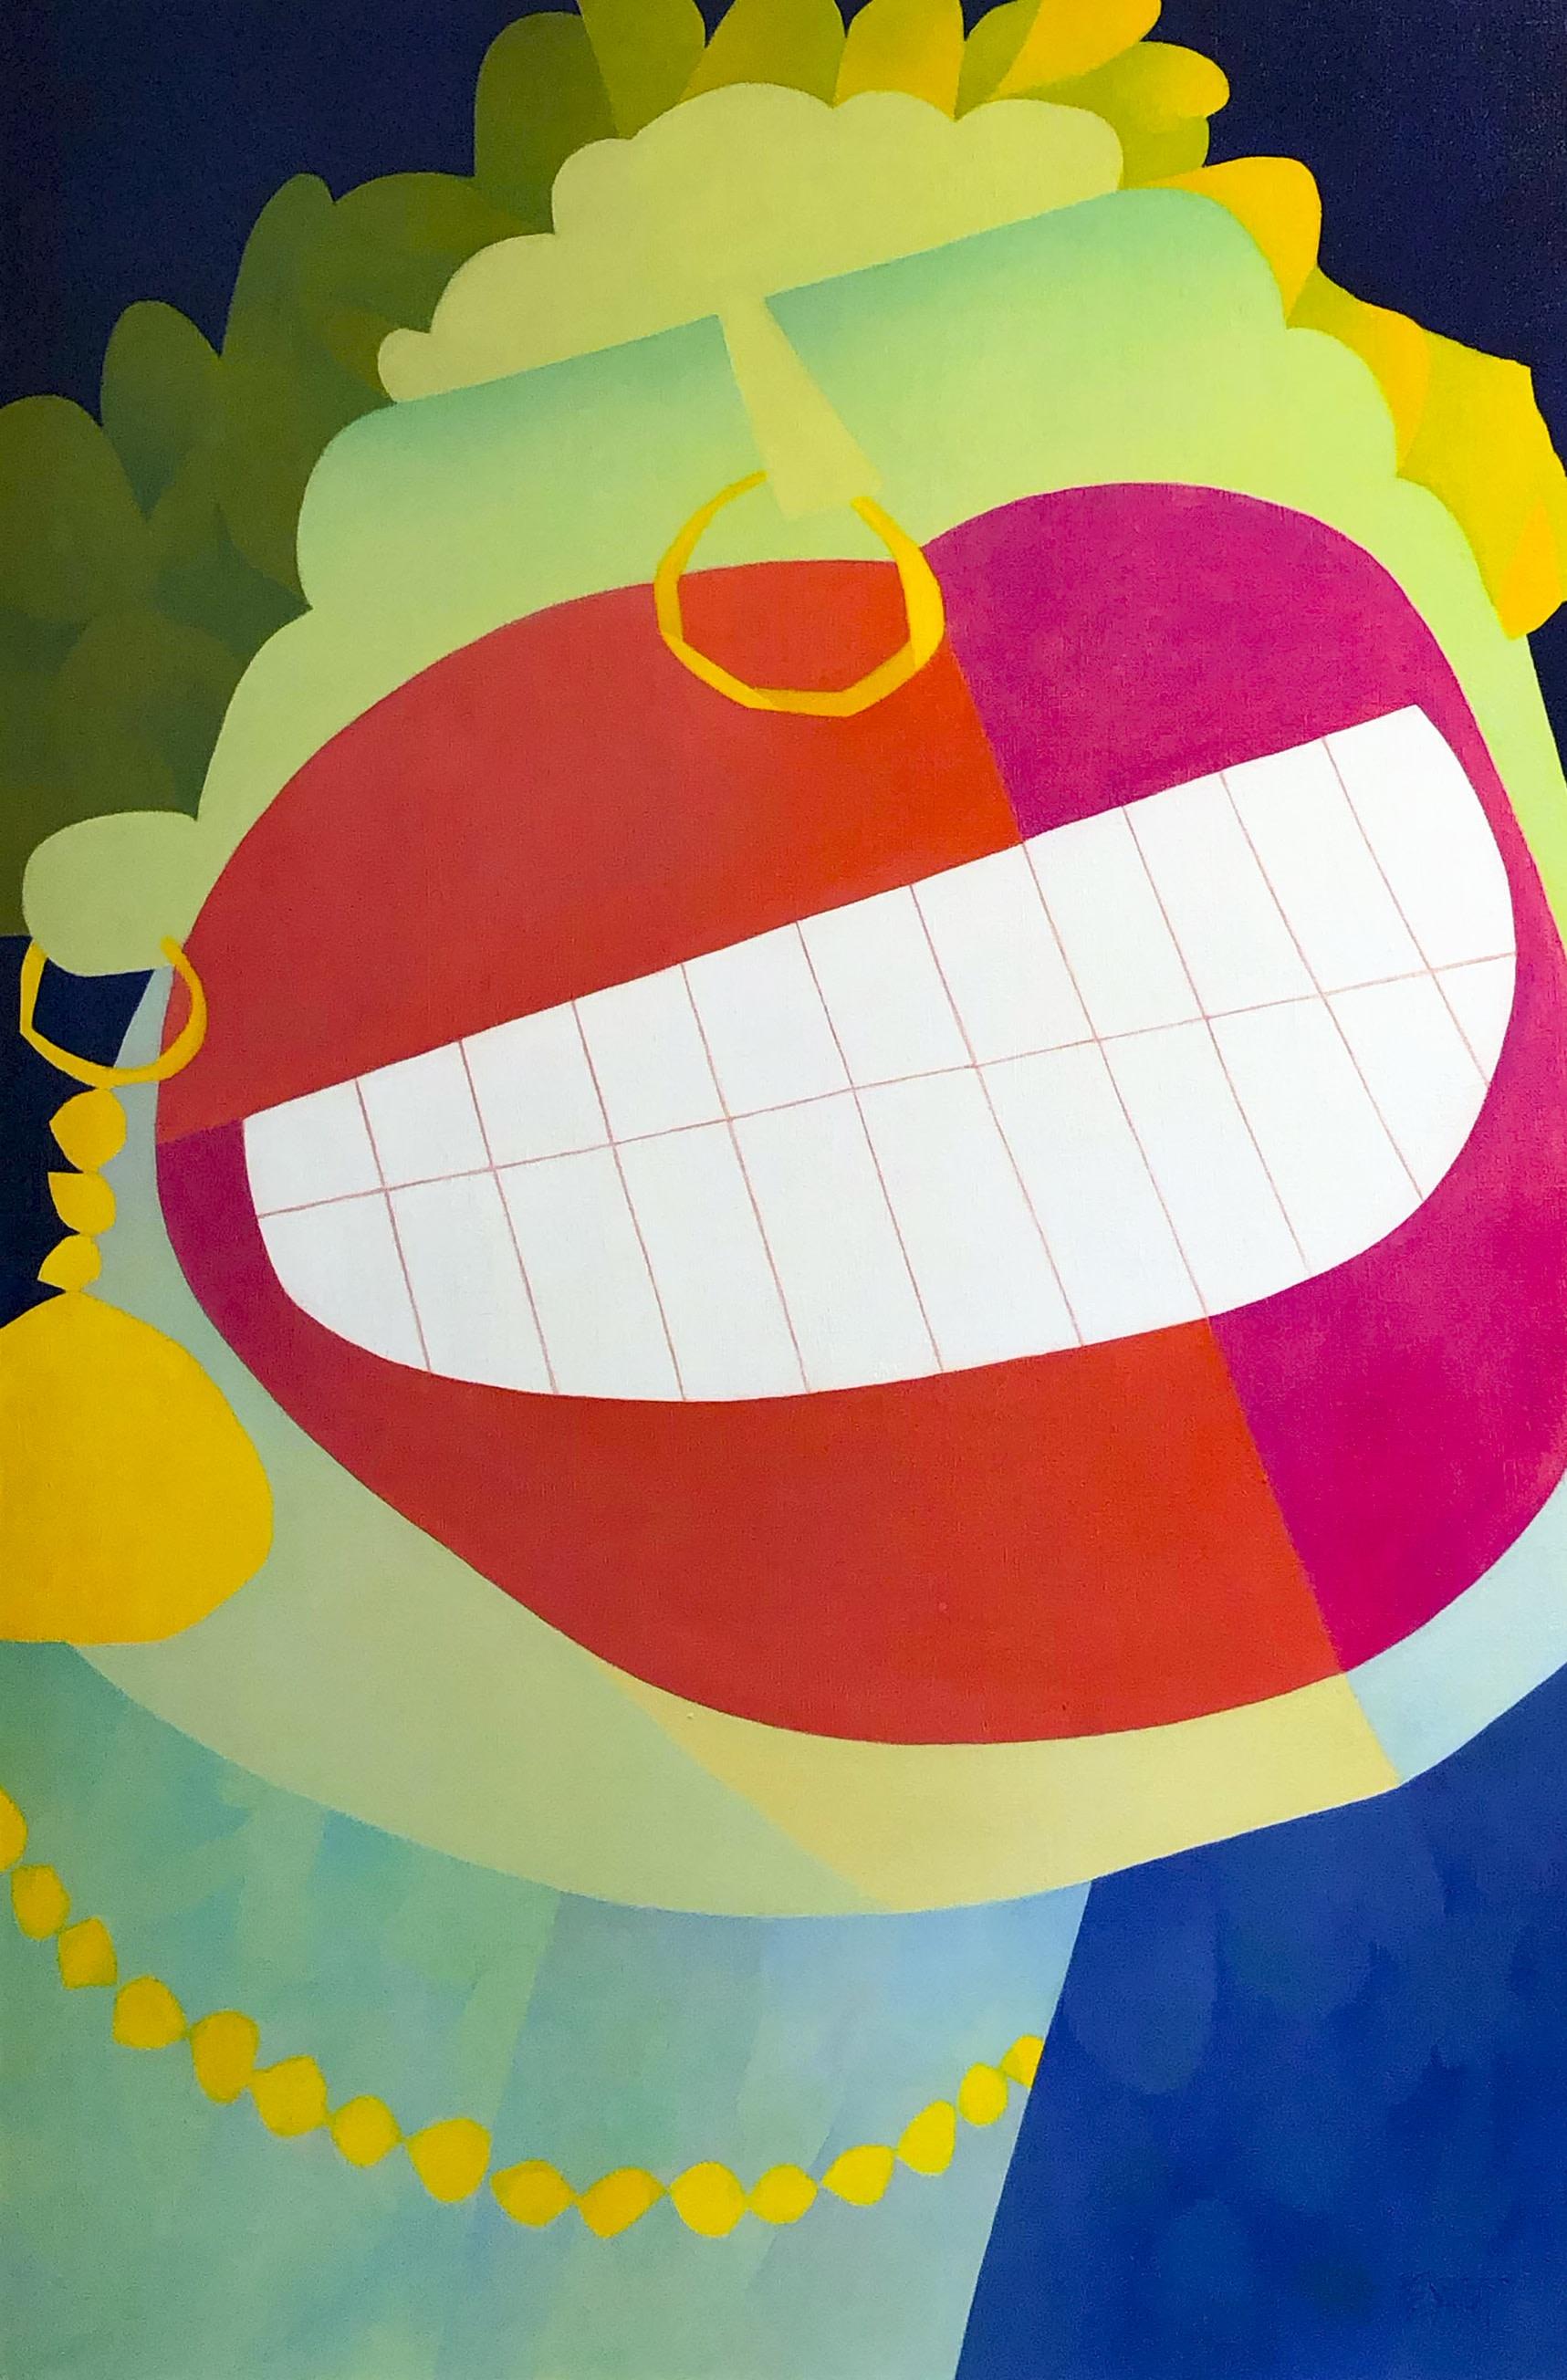 Claude Le Sauteur, Le ridicule, 2003. Huile sur toile, 36 x 24 in 91.4 x 61 cm